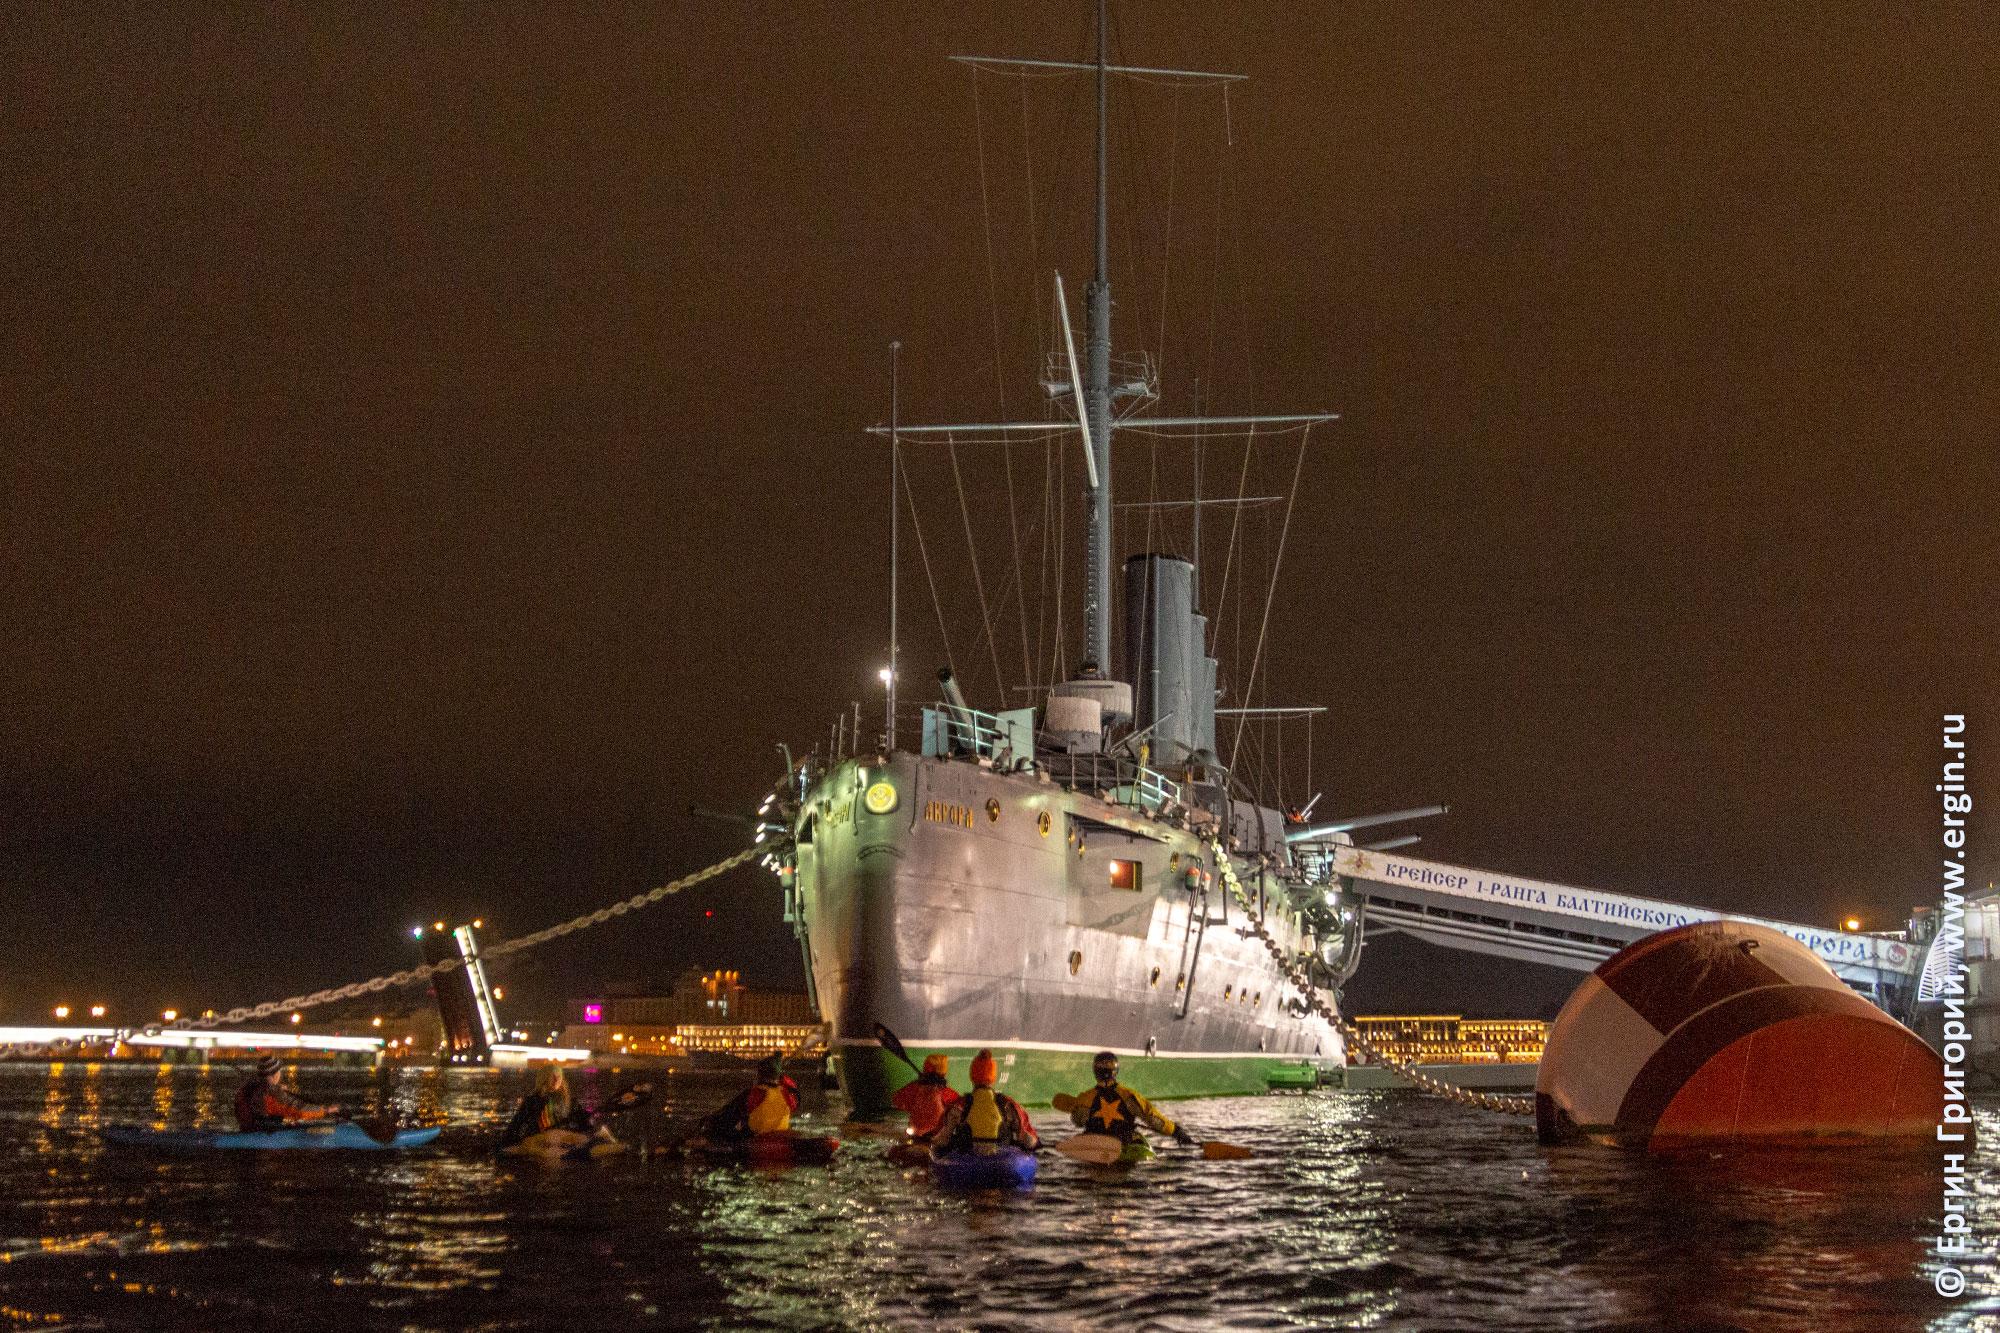 Каякеры на Неве и крейсер Аврора с кормы в Санкт-Петербурге